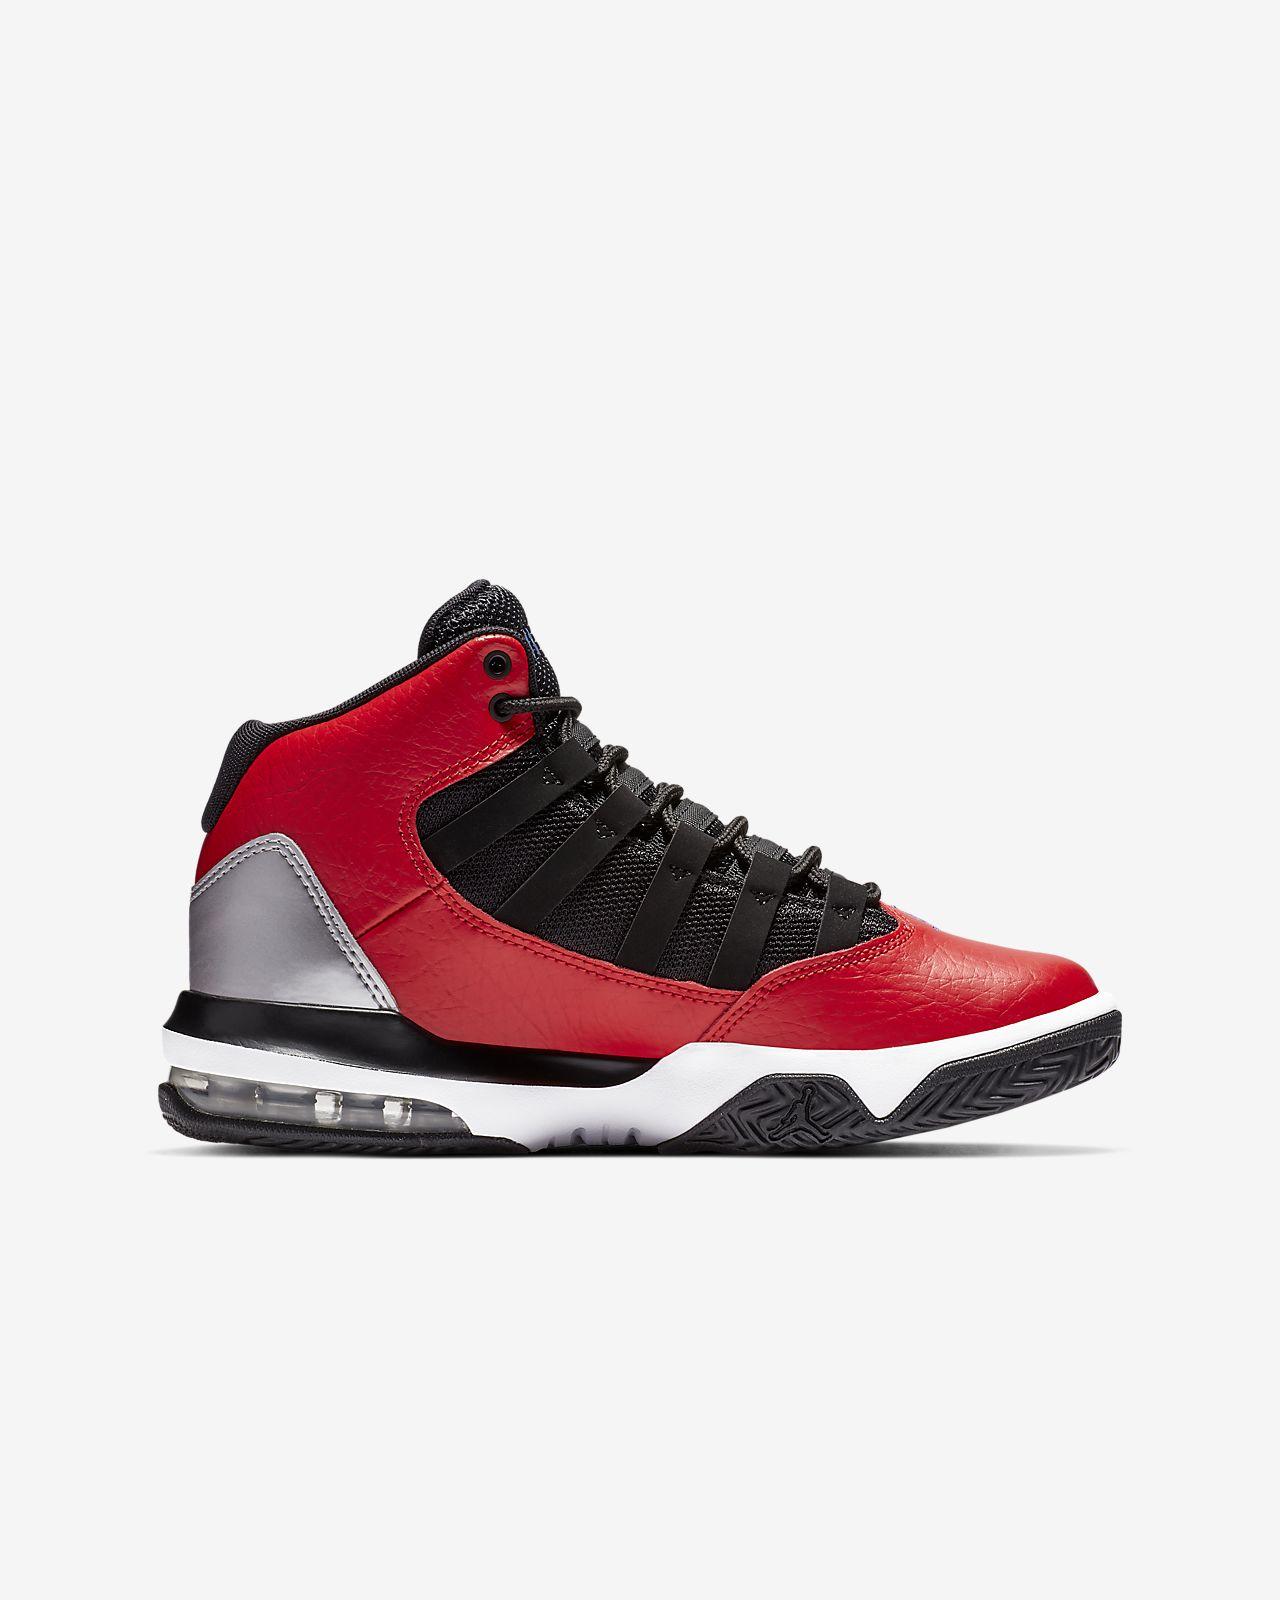 reputable site 5ecc6 9dc8c ... Jordan Max Aura Older Kids  Shoe